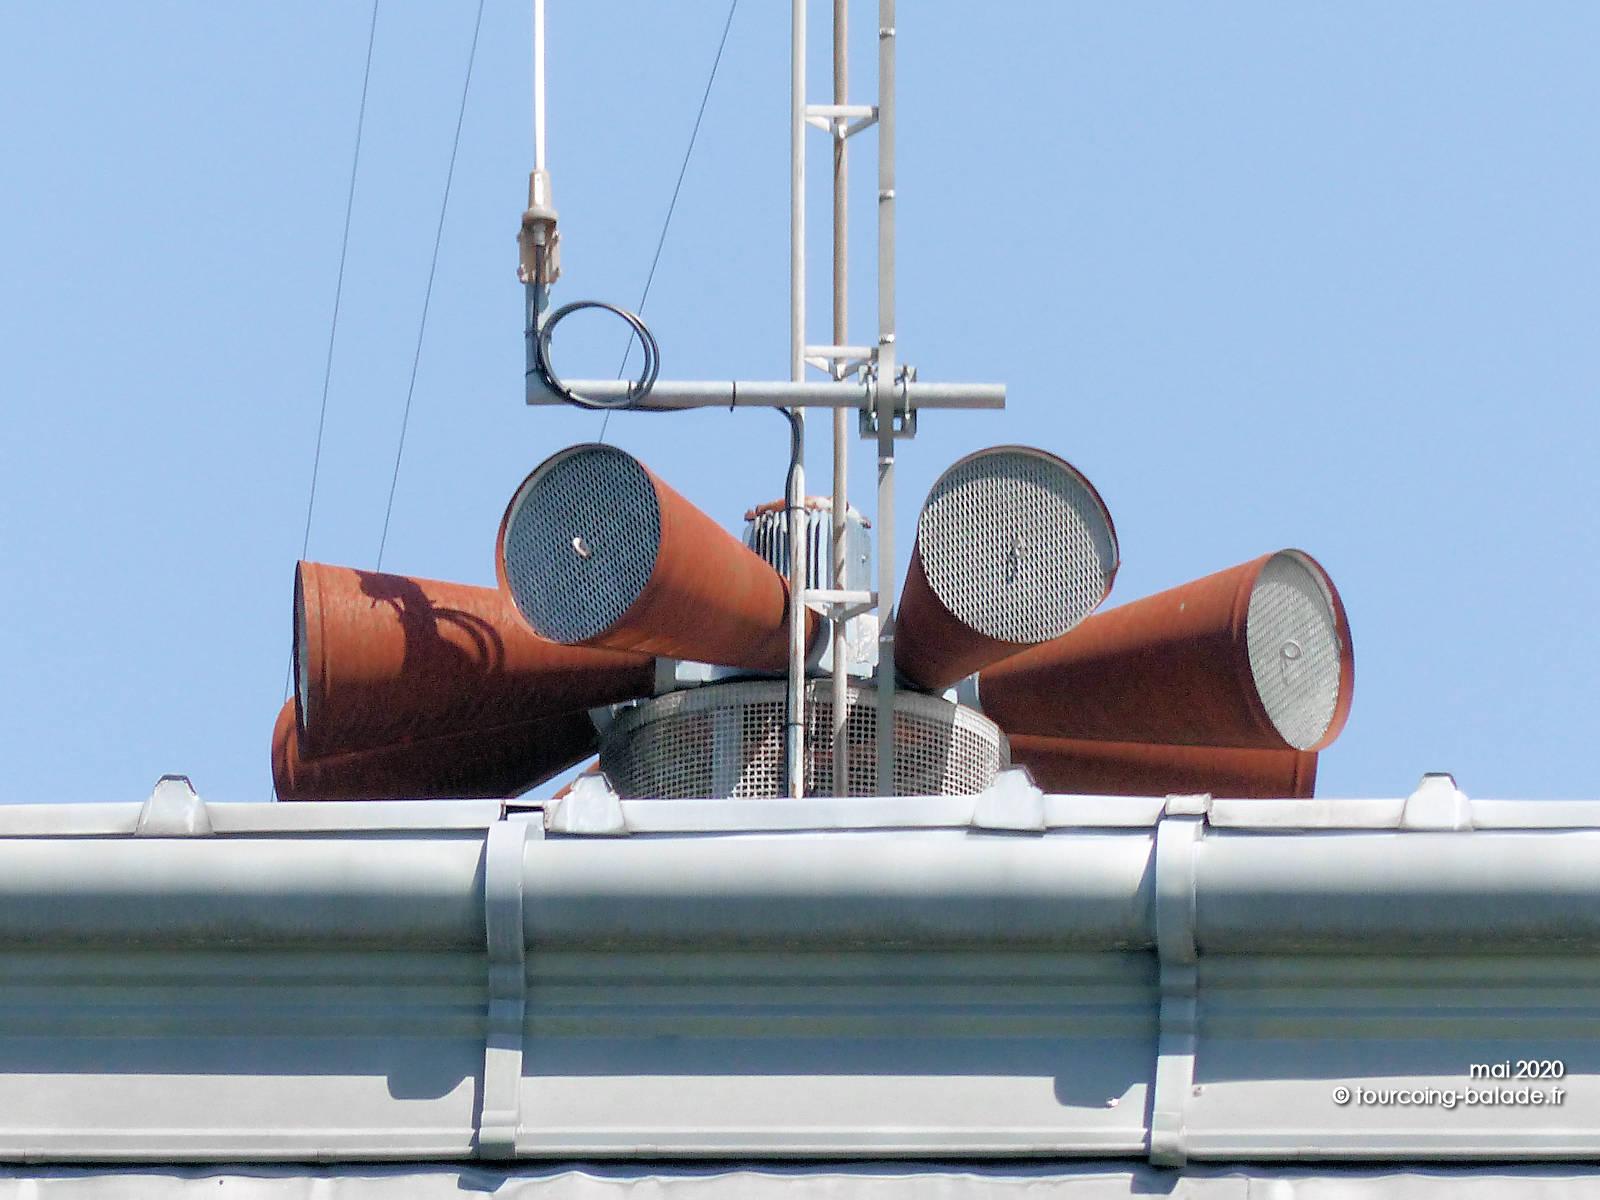 Sirènes de sécurité civile SAIP Mouvaux 2020